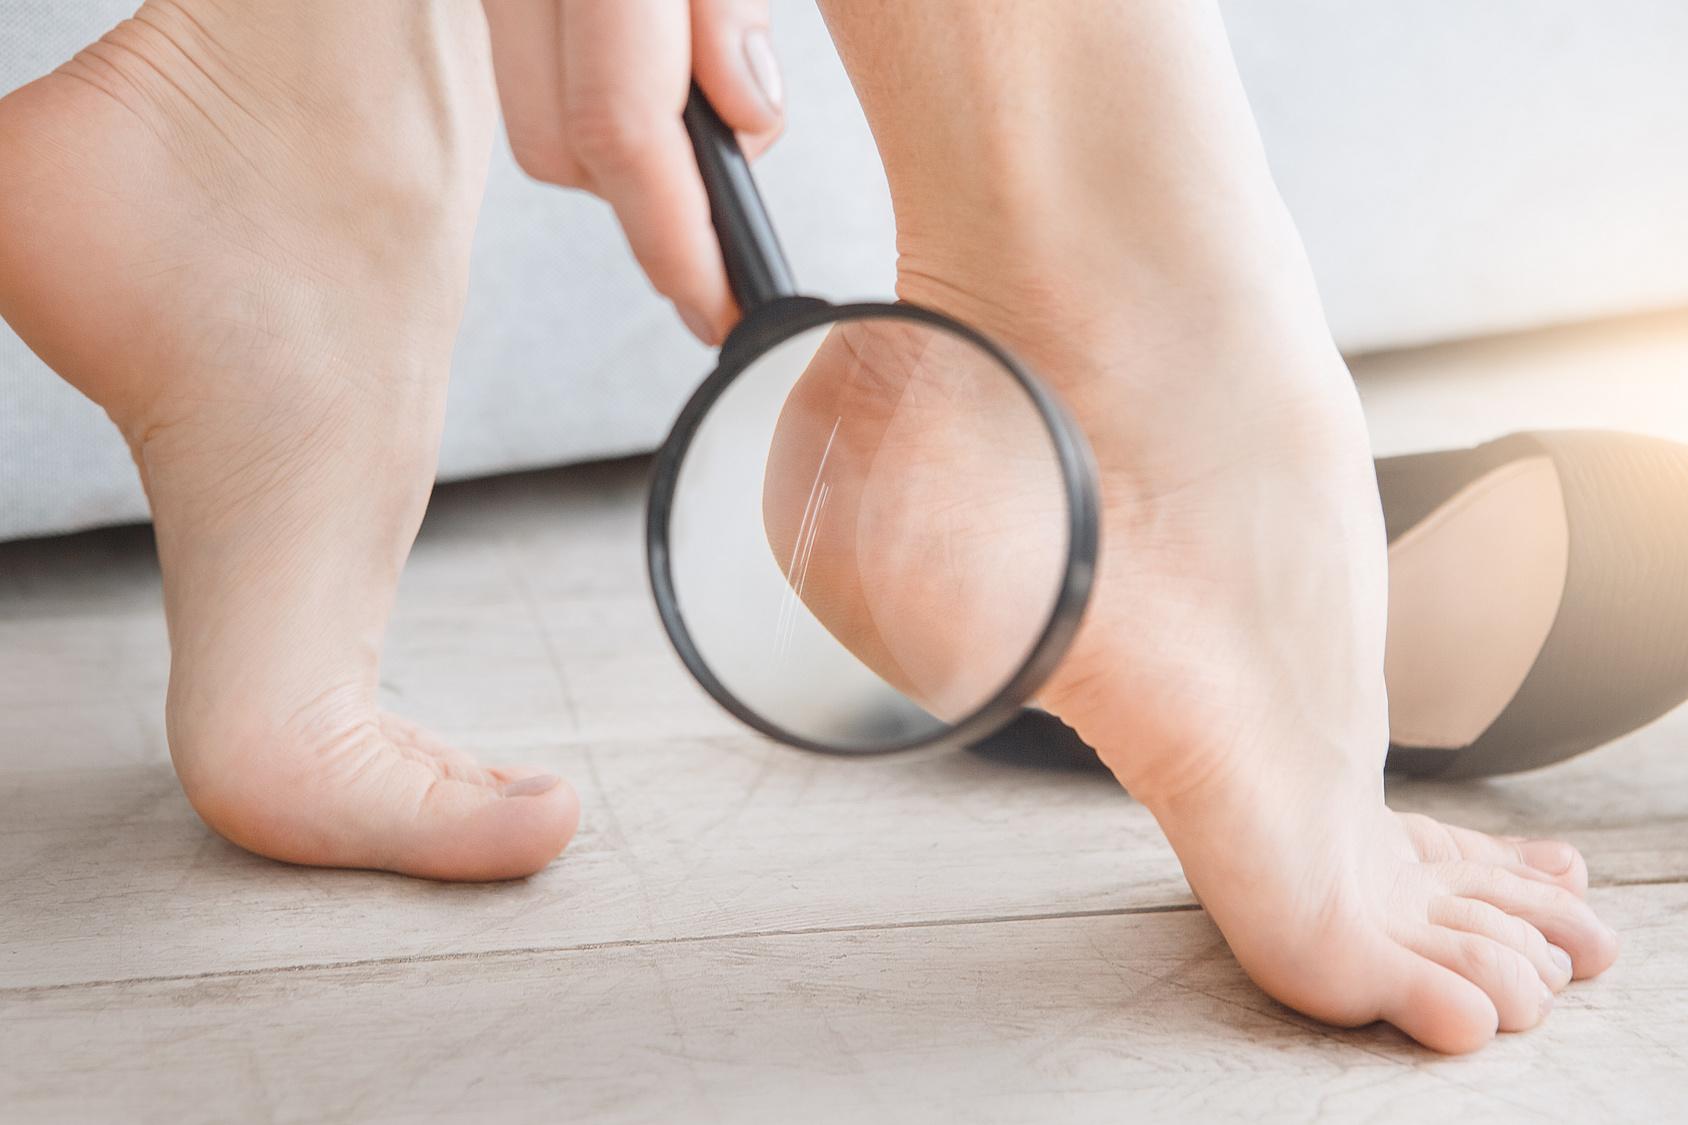 気になる足のニオイ対策には足の角質ケアが効果的!